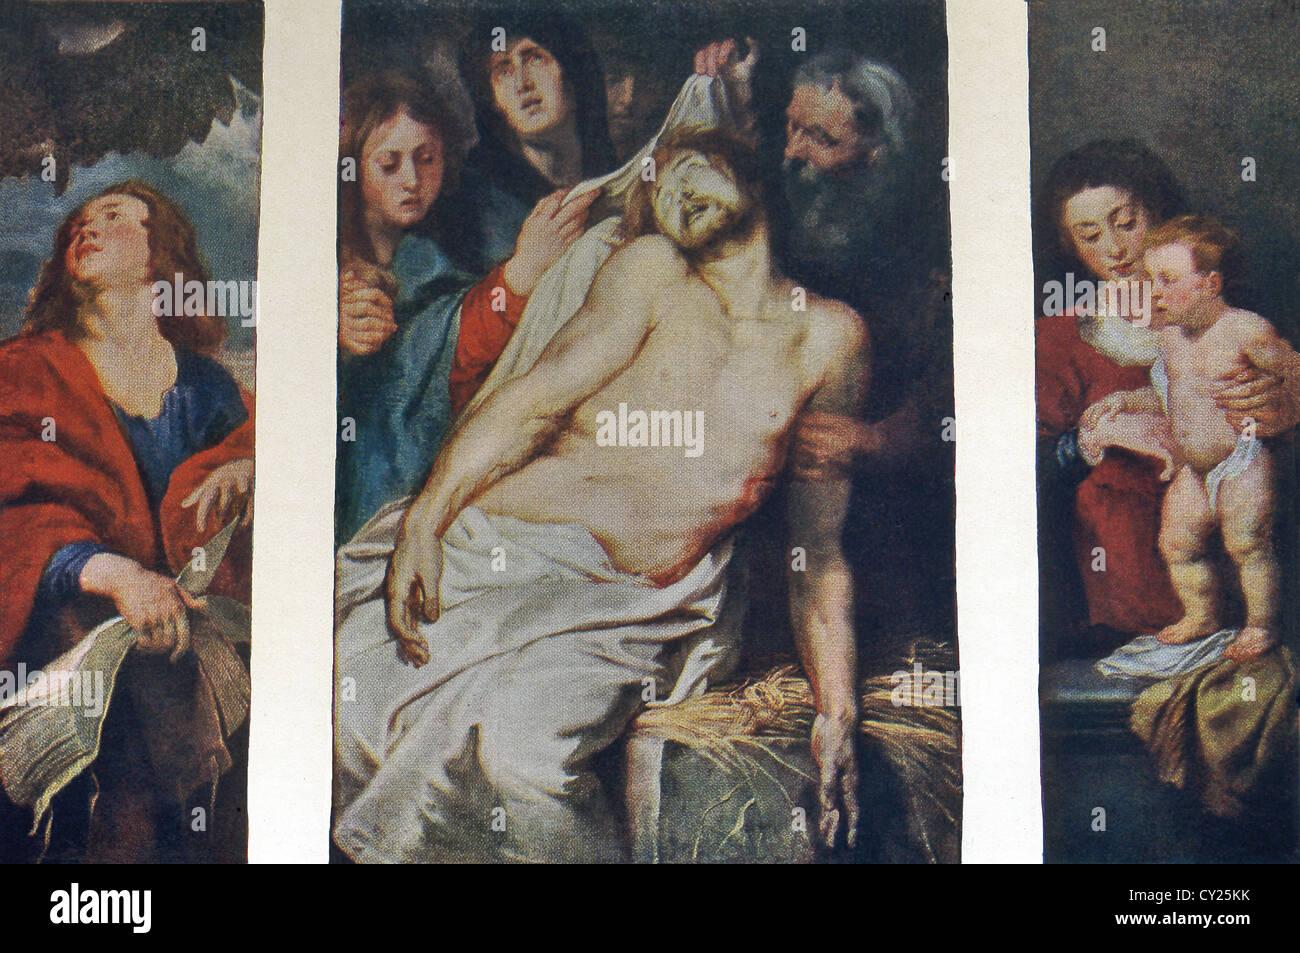 Dieses Triptychon mit dem Titel Christus ein La Paille, malte 1617-18 von Rubens für Grab eine Antwerpen Kaufmanns. Stockbild